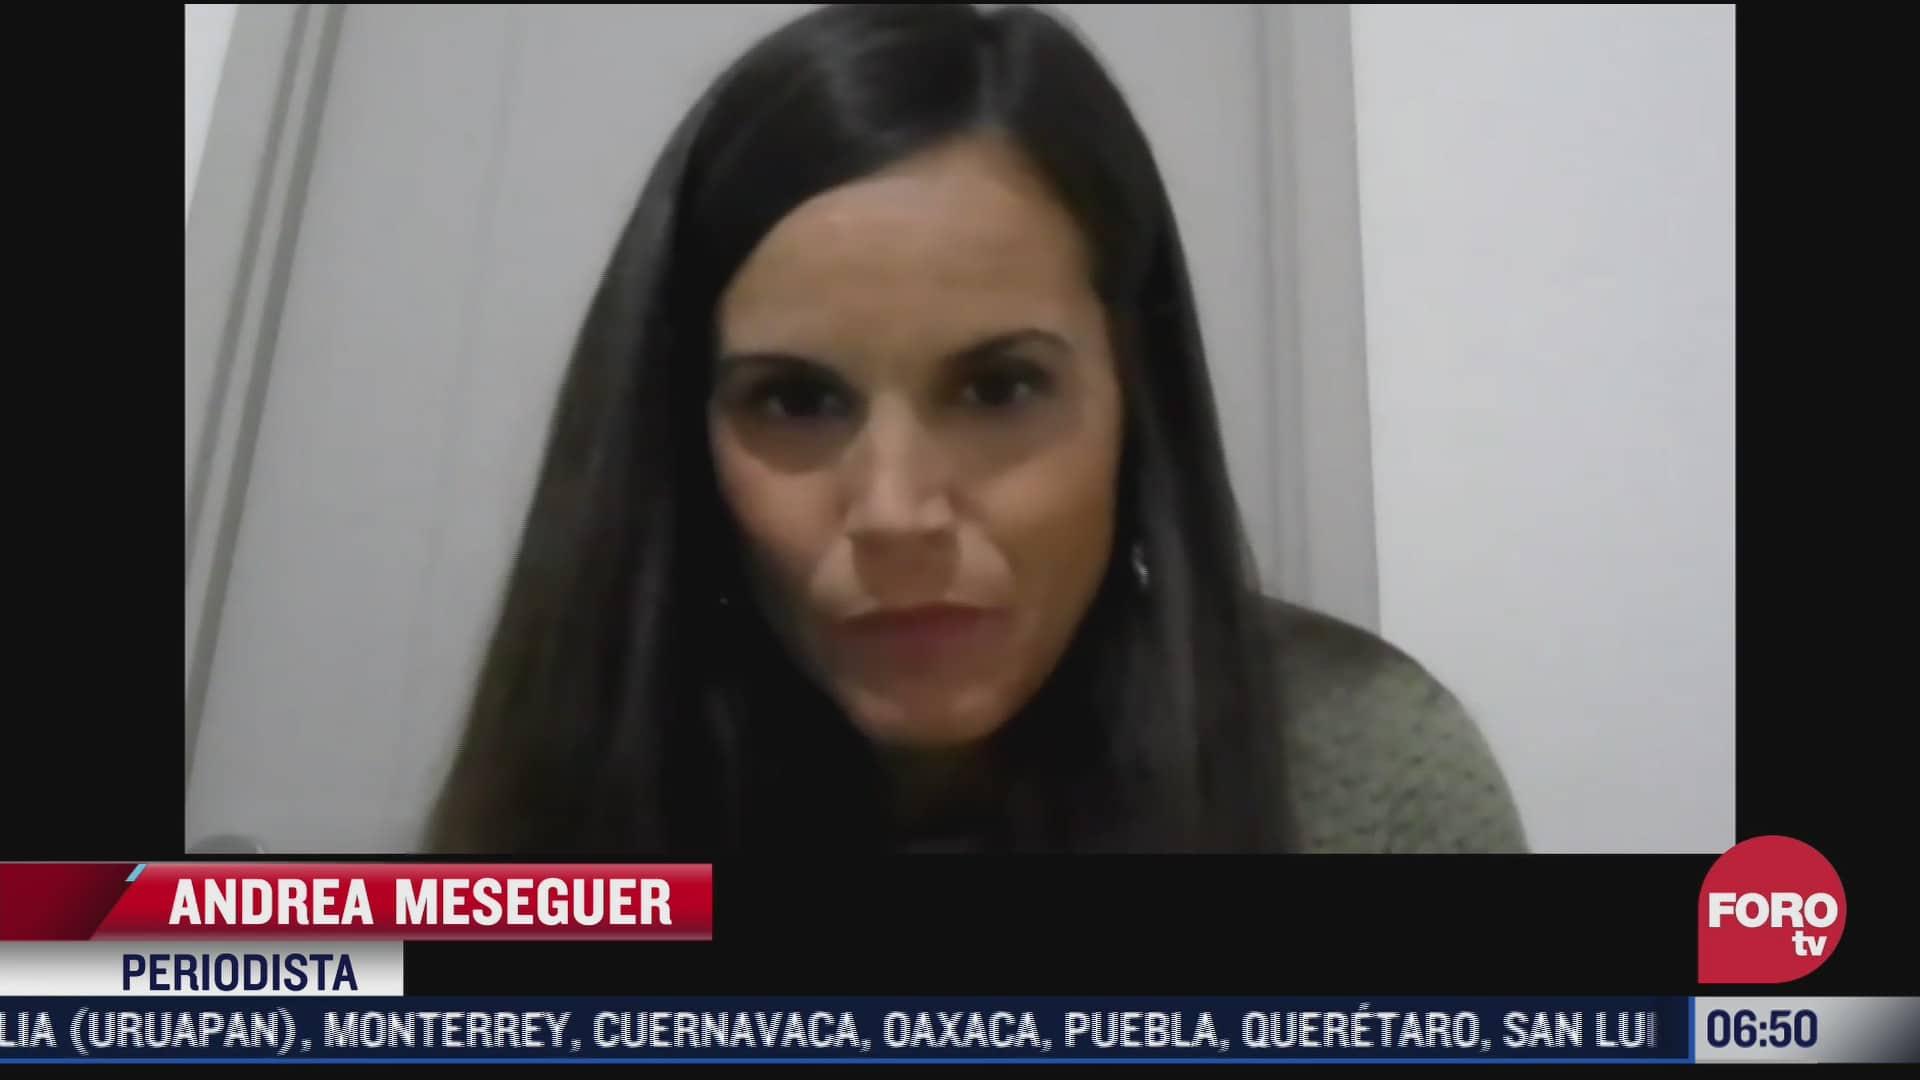 periodista denuncia acoso dentro de la televisora donde trabajaba en chile